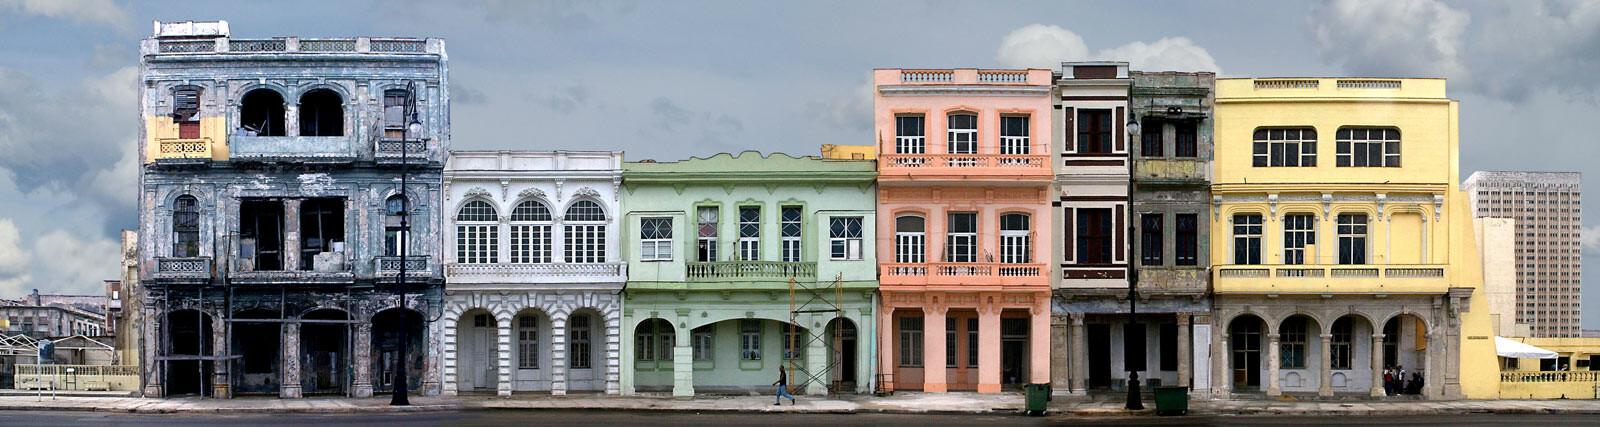 Havana, El Malecon #8 - Larry Yust